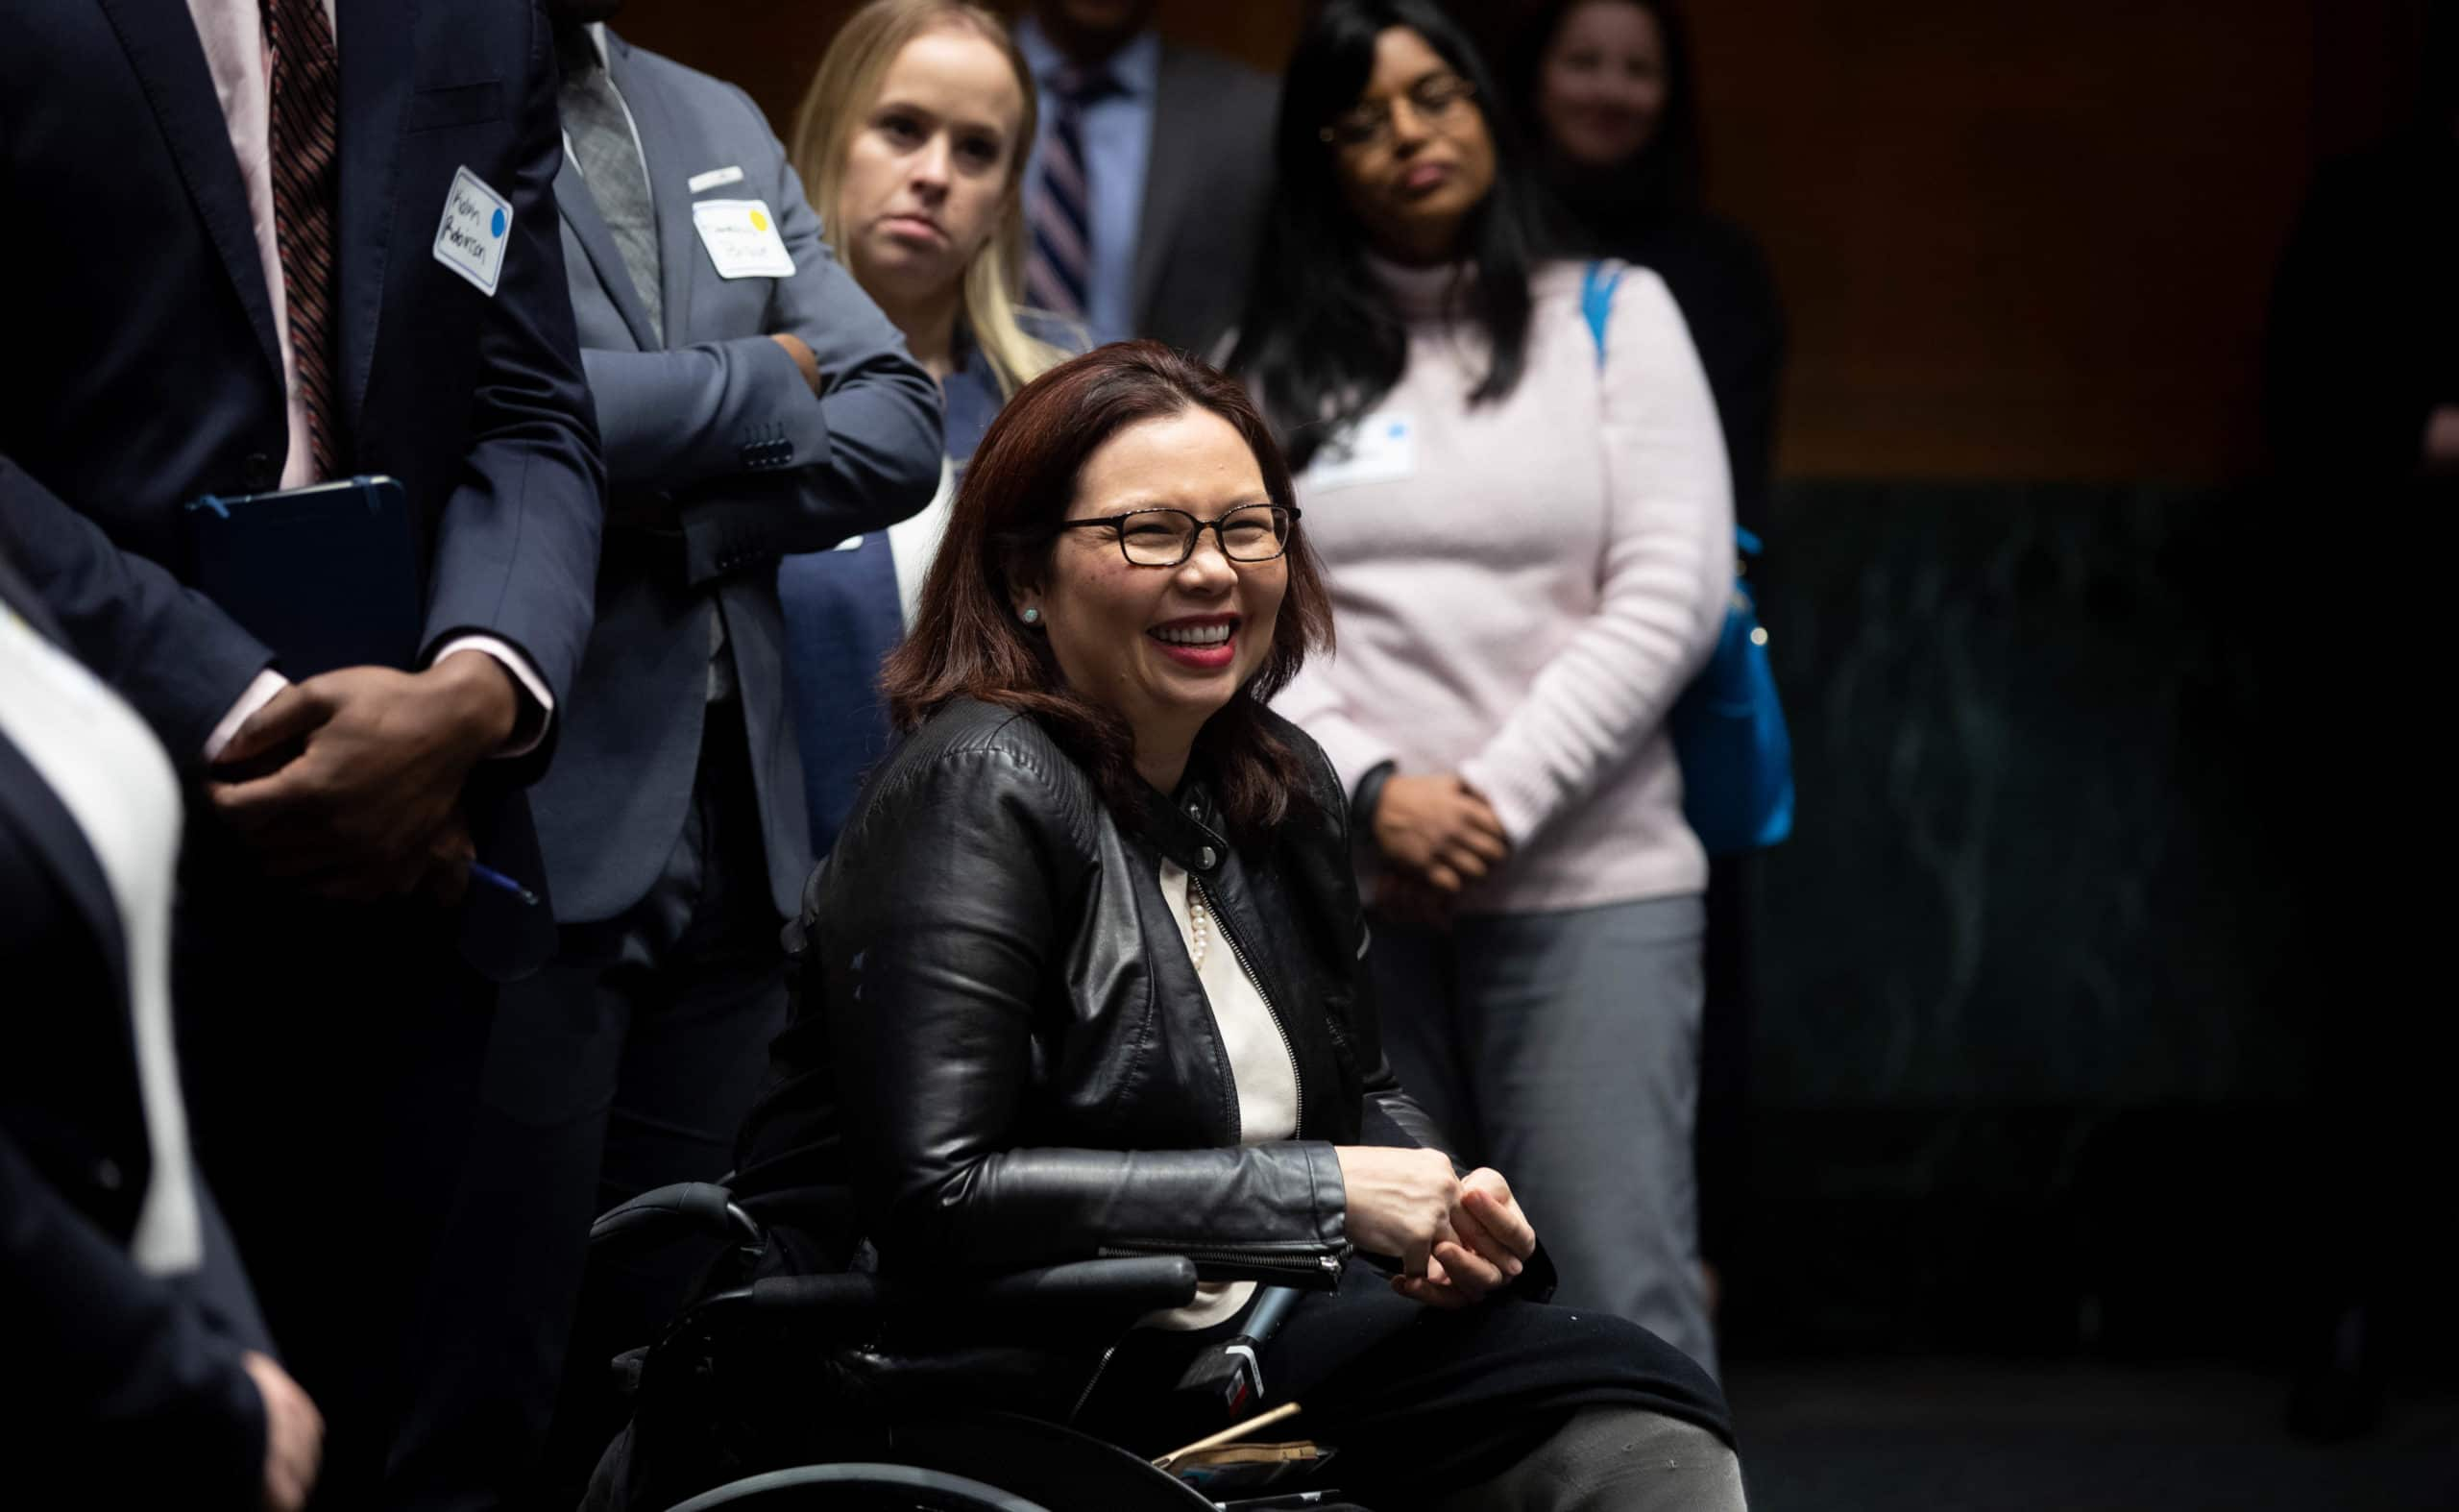 Senator Duckworth in her wheelchair